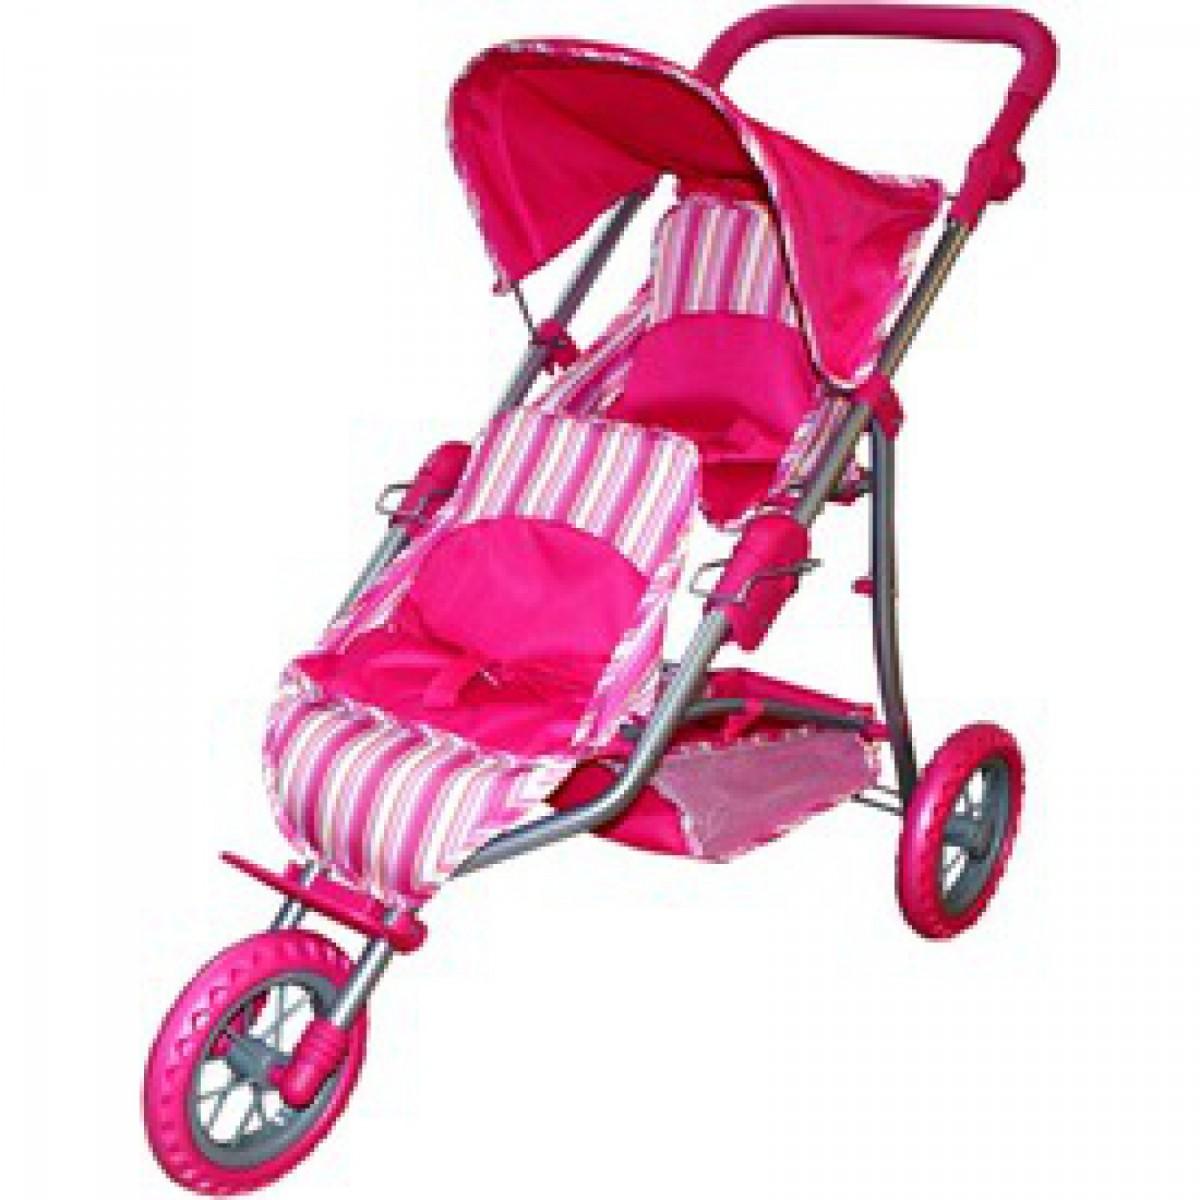 Játék babakocsi - 3 kerekű játék ikerbabakocsi  pink csíkos ... 84b84209dc